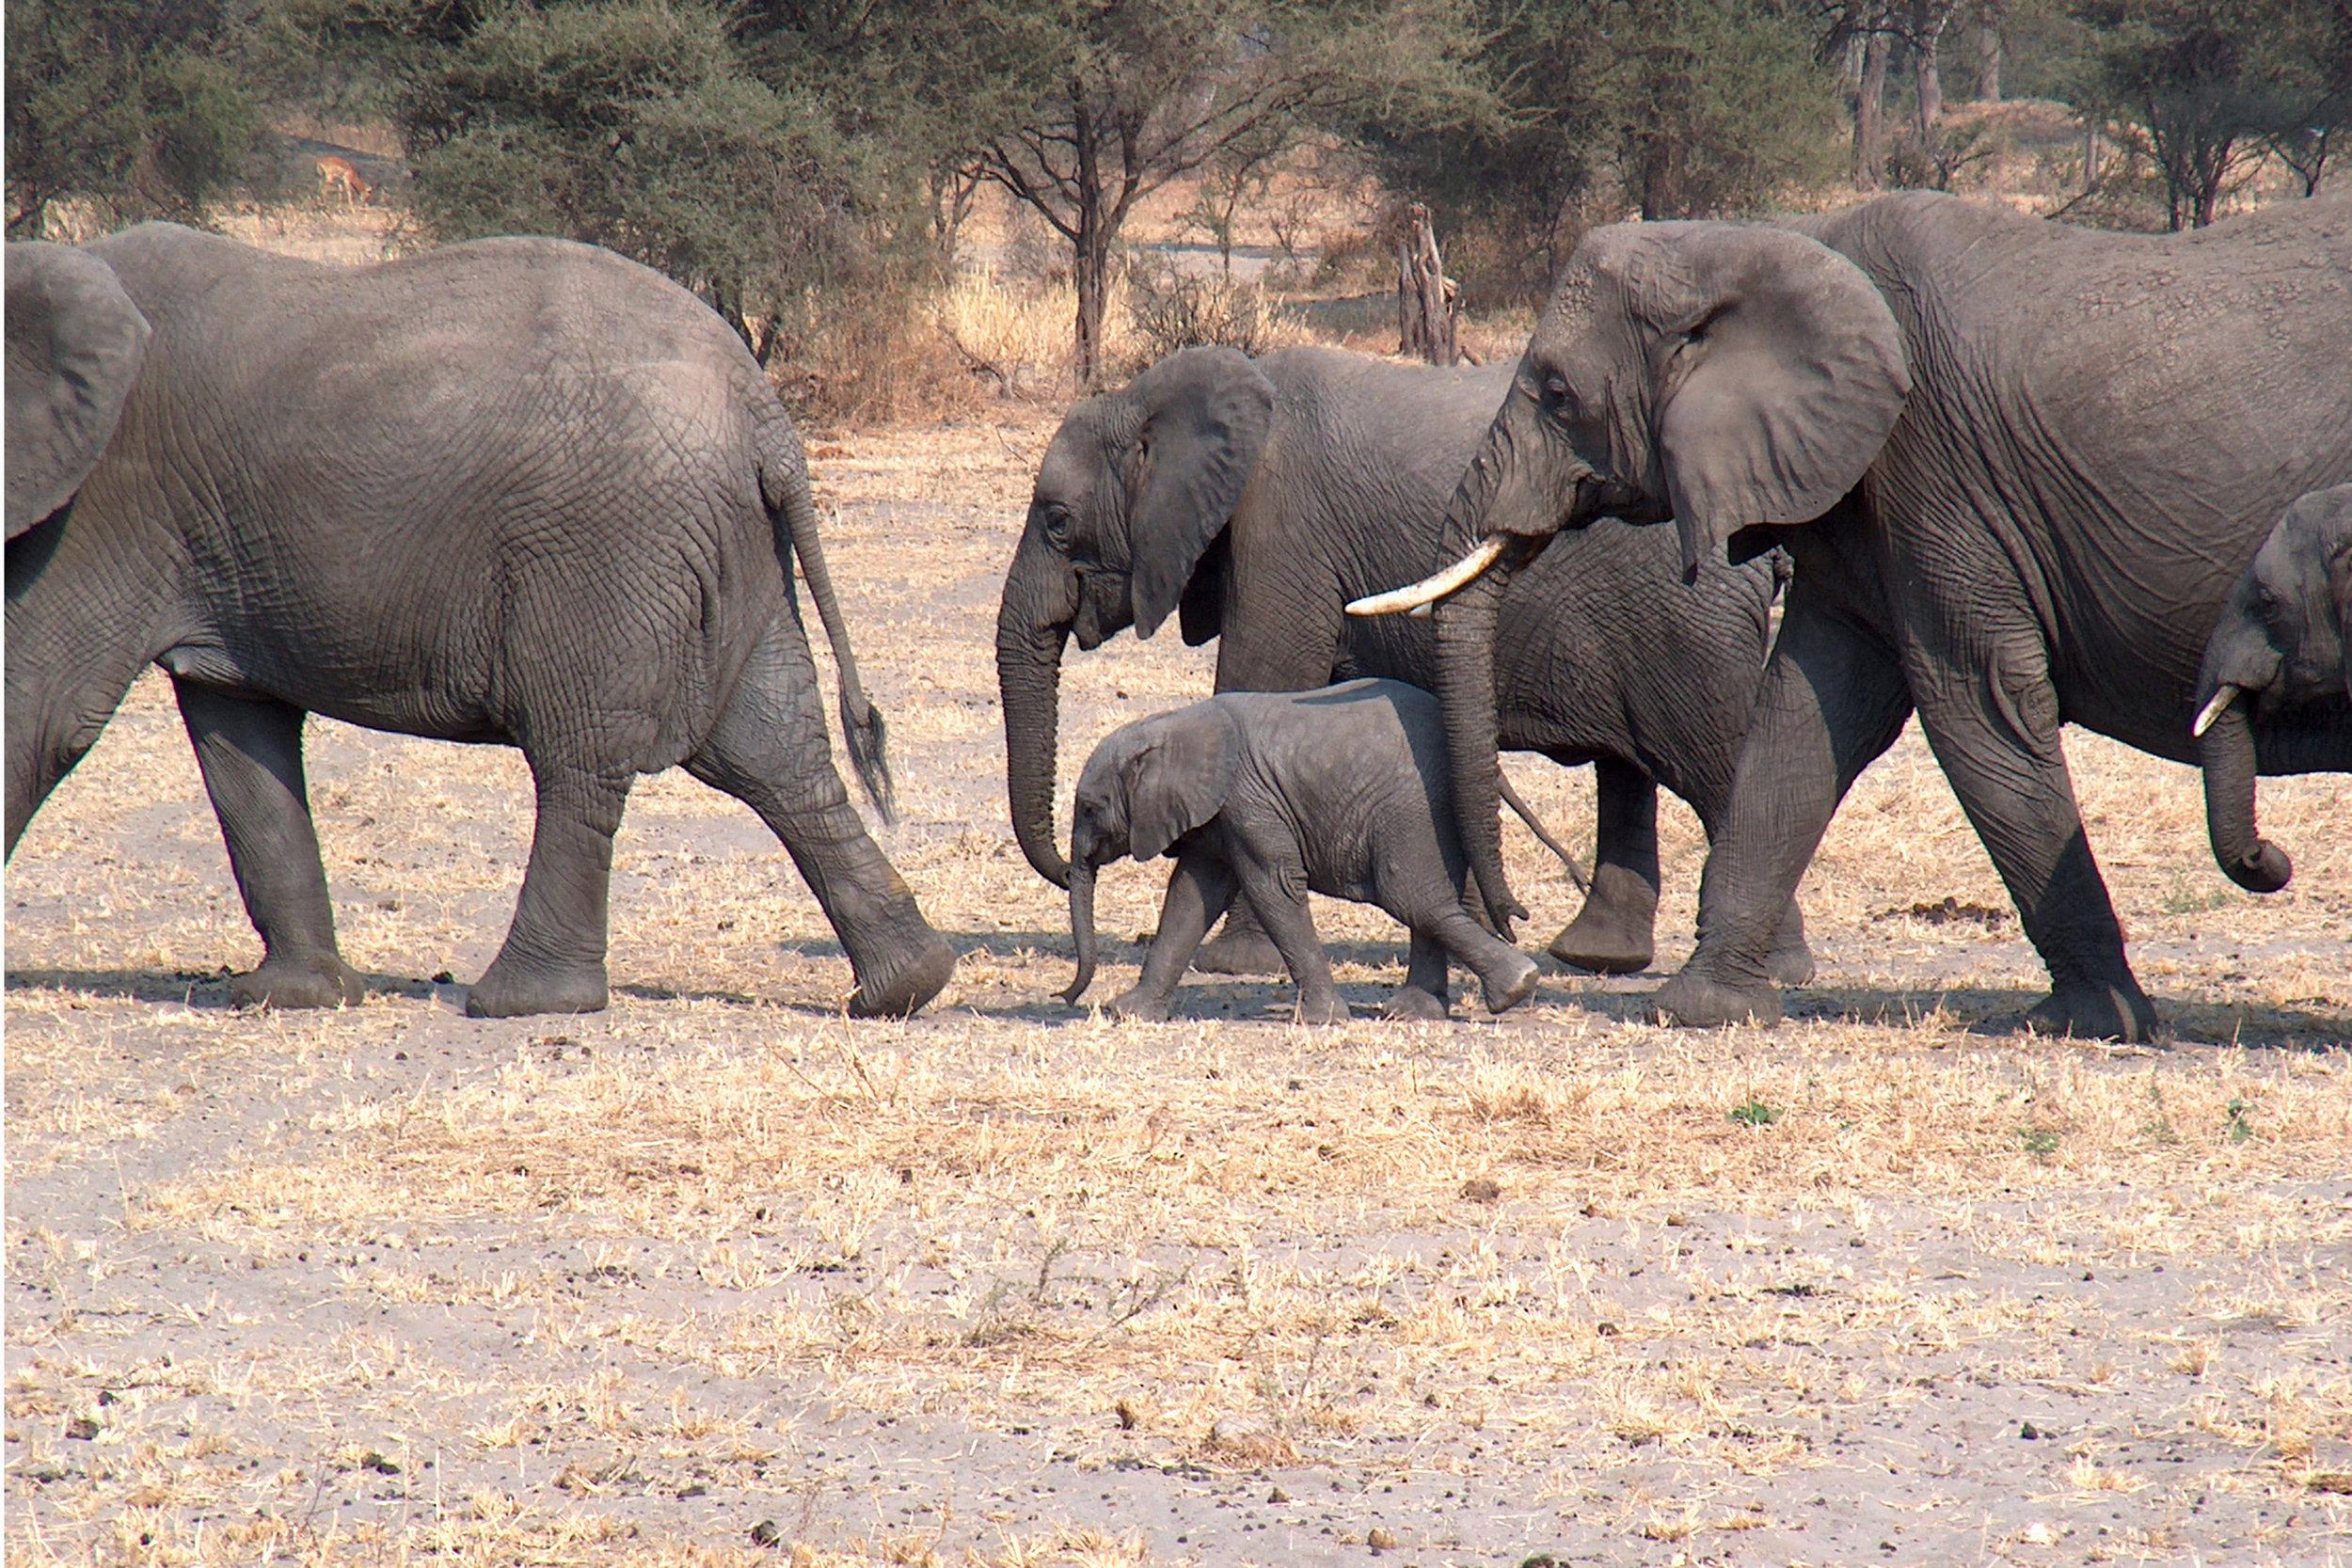 Elefantane har eit hemmeleg språk, hemmeleg på den måten at det har så låg frekvens at vi menneske ikkje kan oppfatte det med høyrsla. Eit menneske kan høyre lyd med frekvens mellom 20 og 20 000 hertz (svinging per sekund), medan ein elefant kan høyre så lågt ned som 14 hertz.